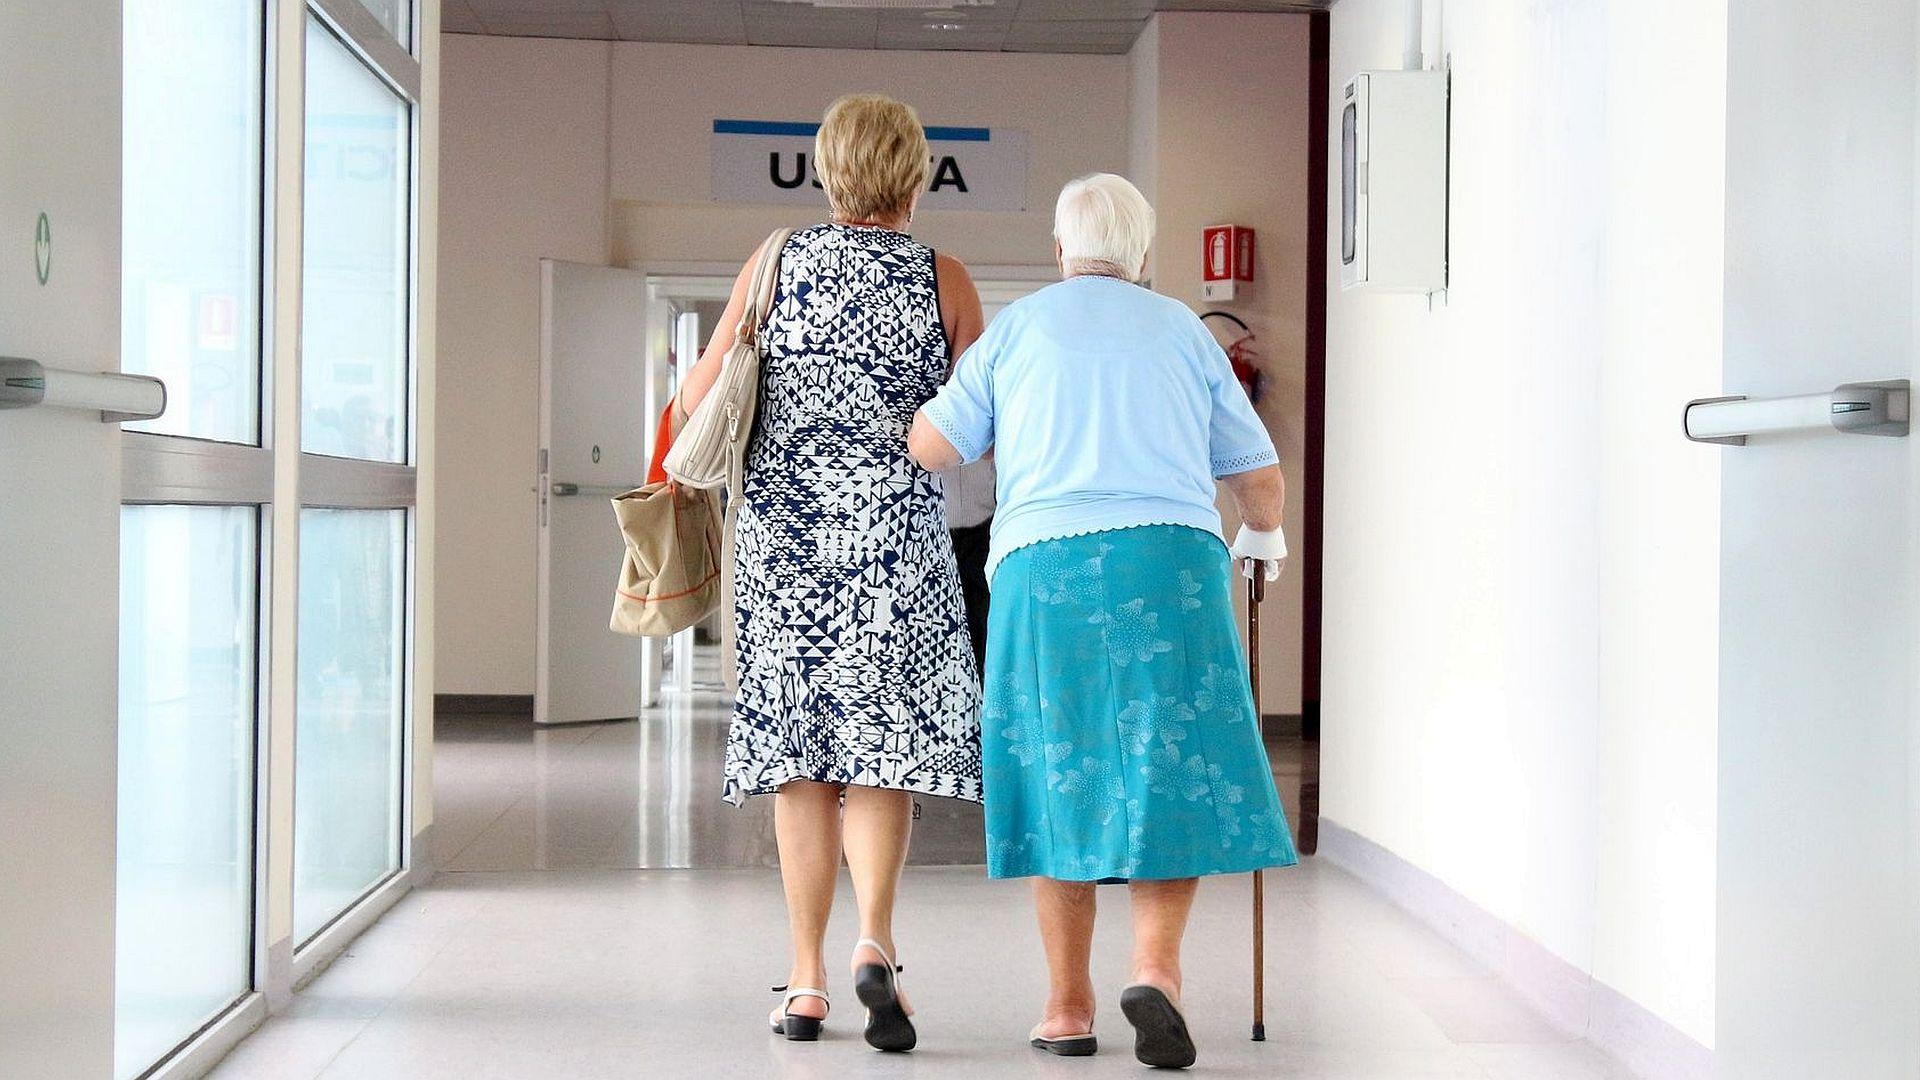 Bekostiging Iangdurige zorg: Ik stelt voor dat alle medische zorg in de Zvw komt, ongeacht de duur van die zorg of verblijfplaats van de patiënt.